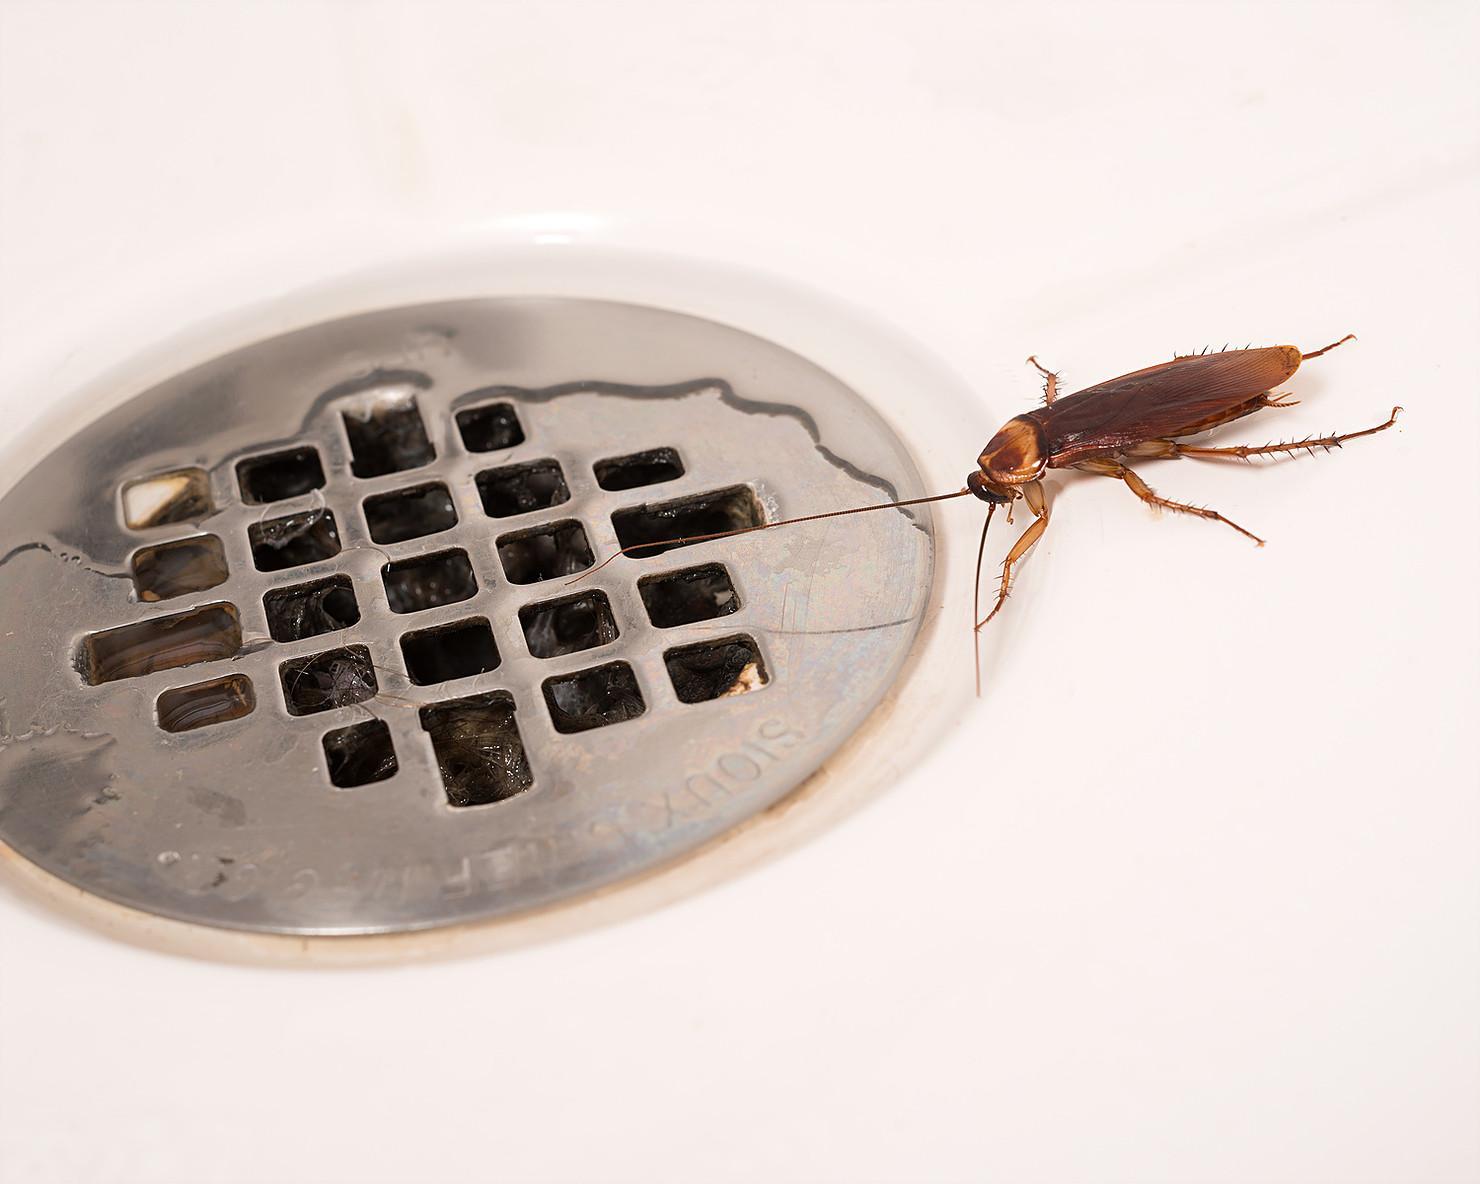 Почему появляются тараканы в квартире?